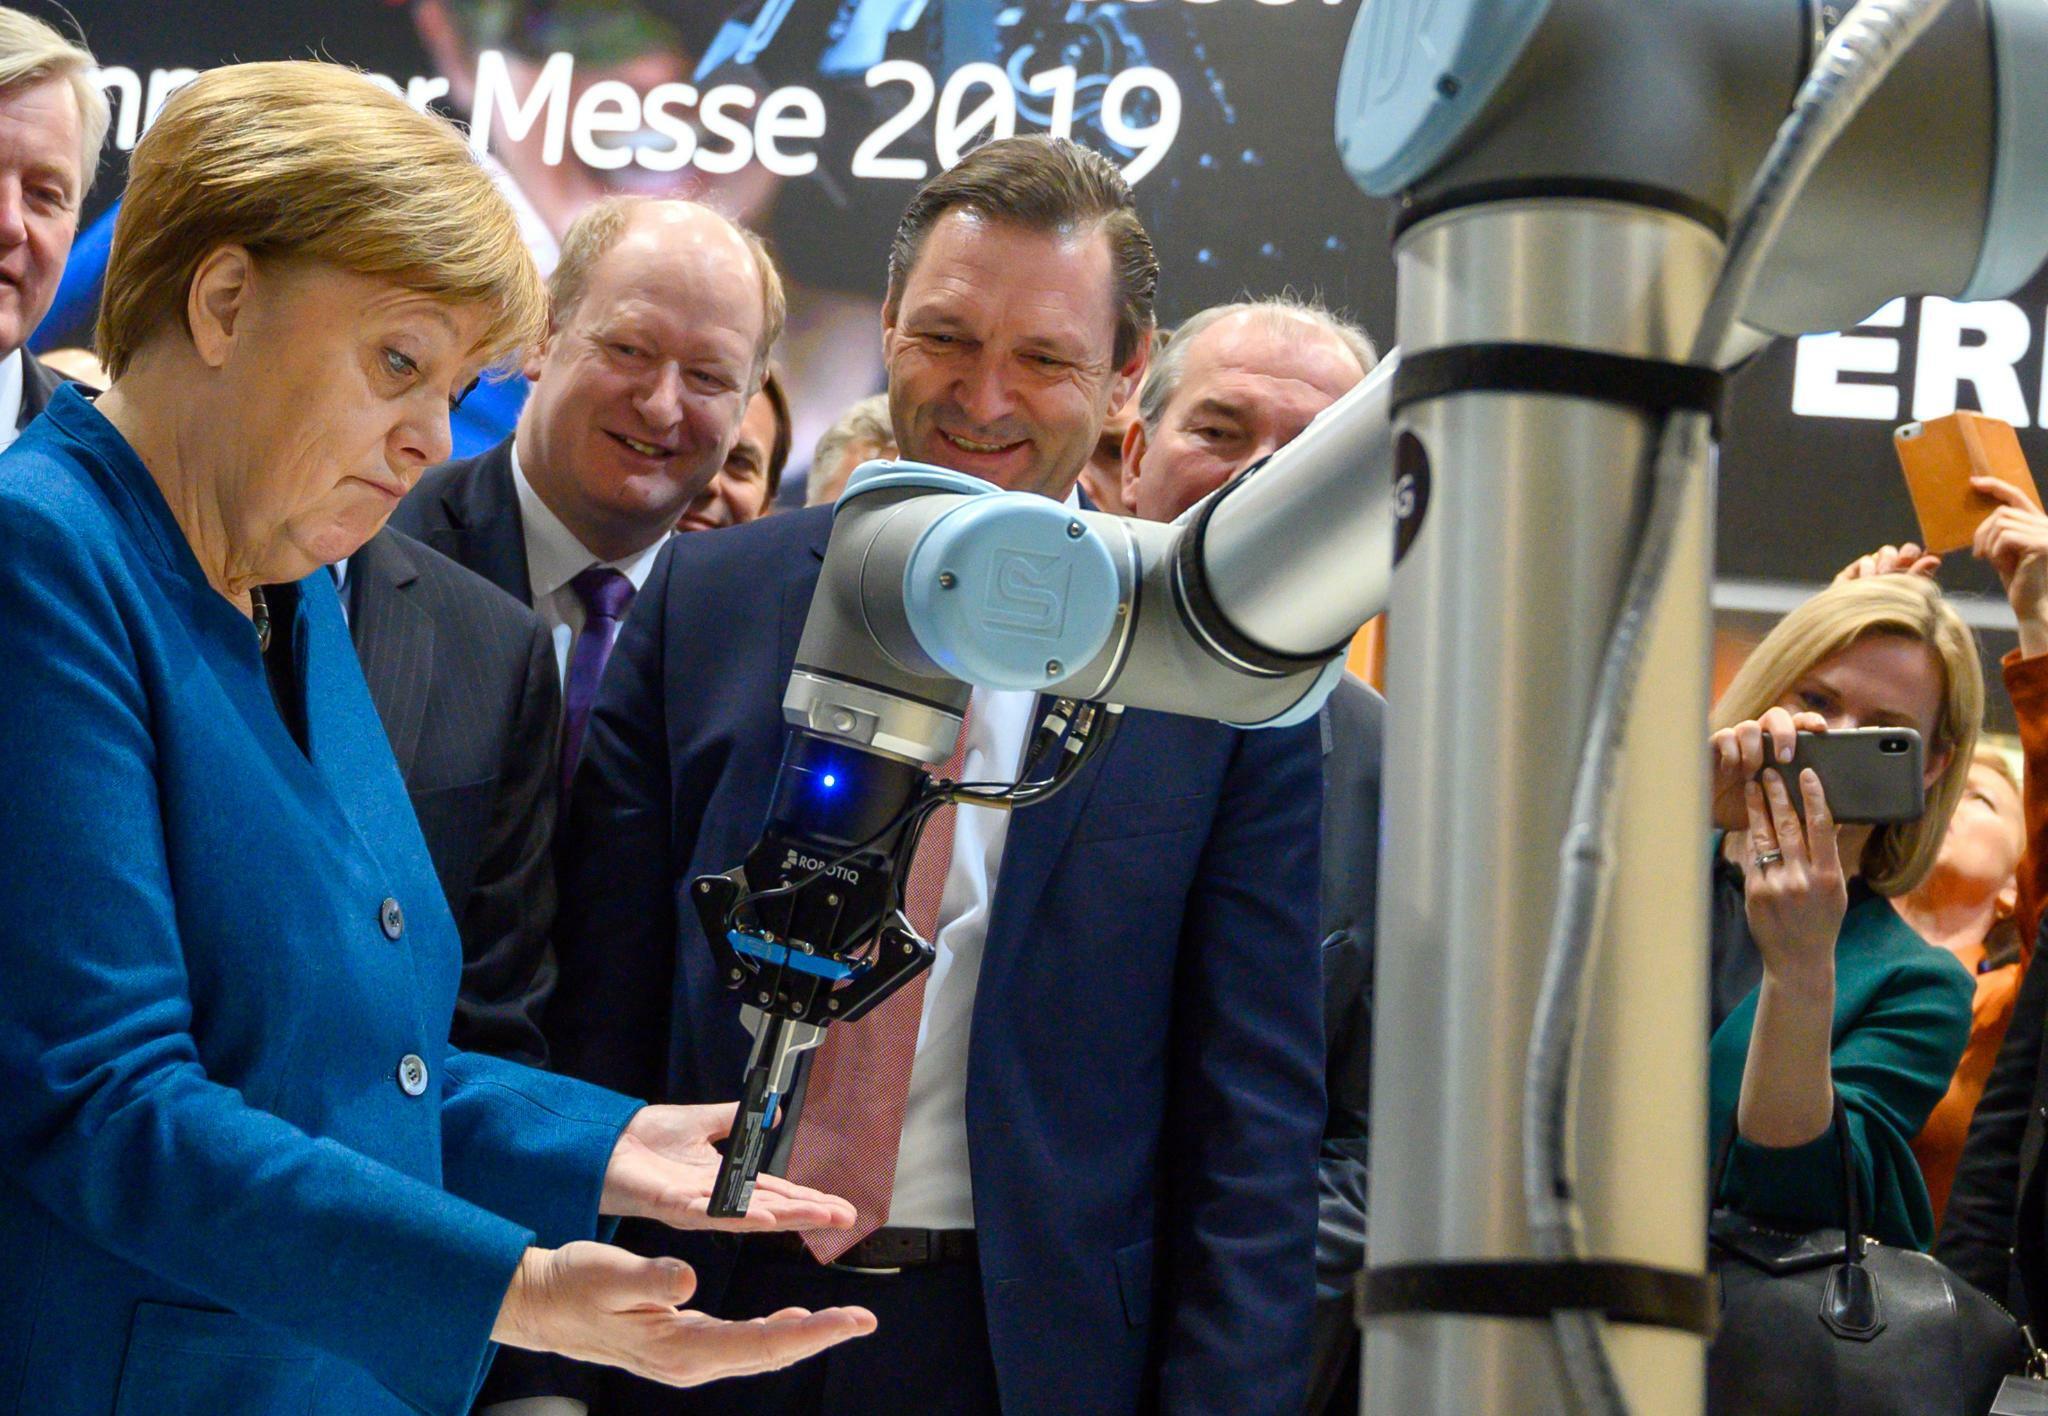 Hannover-Messe: Angela Merkel will wissen, was gutes 5G ausmacht